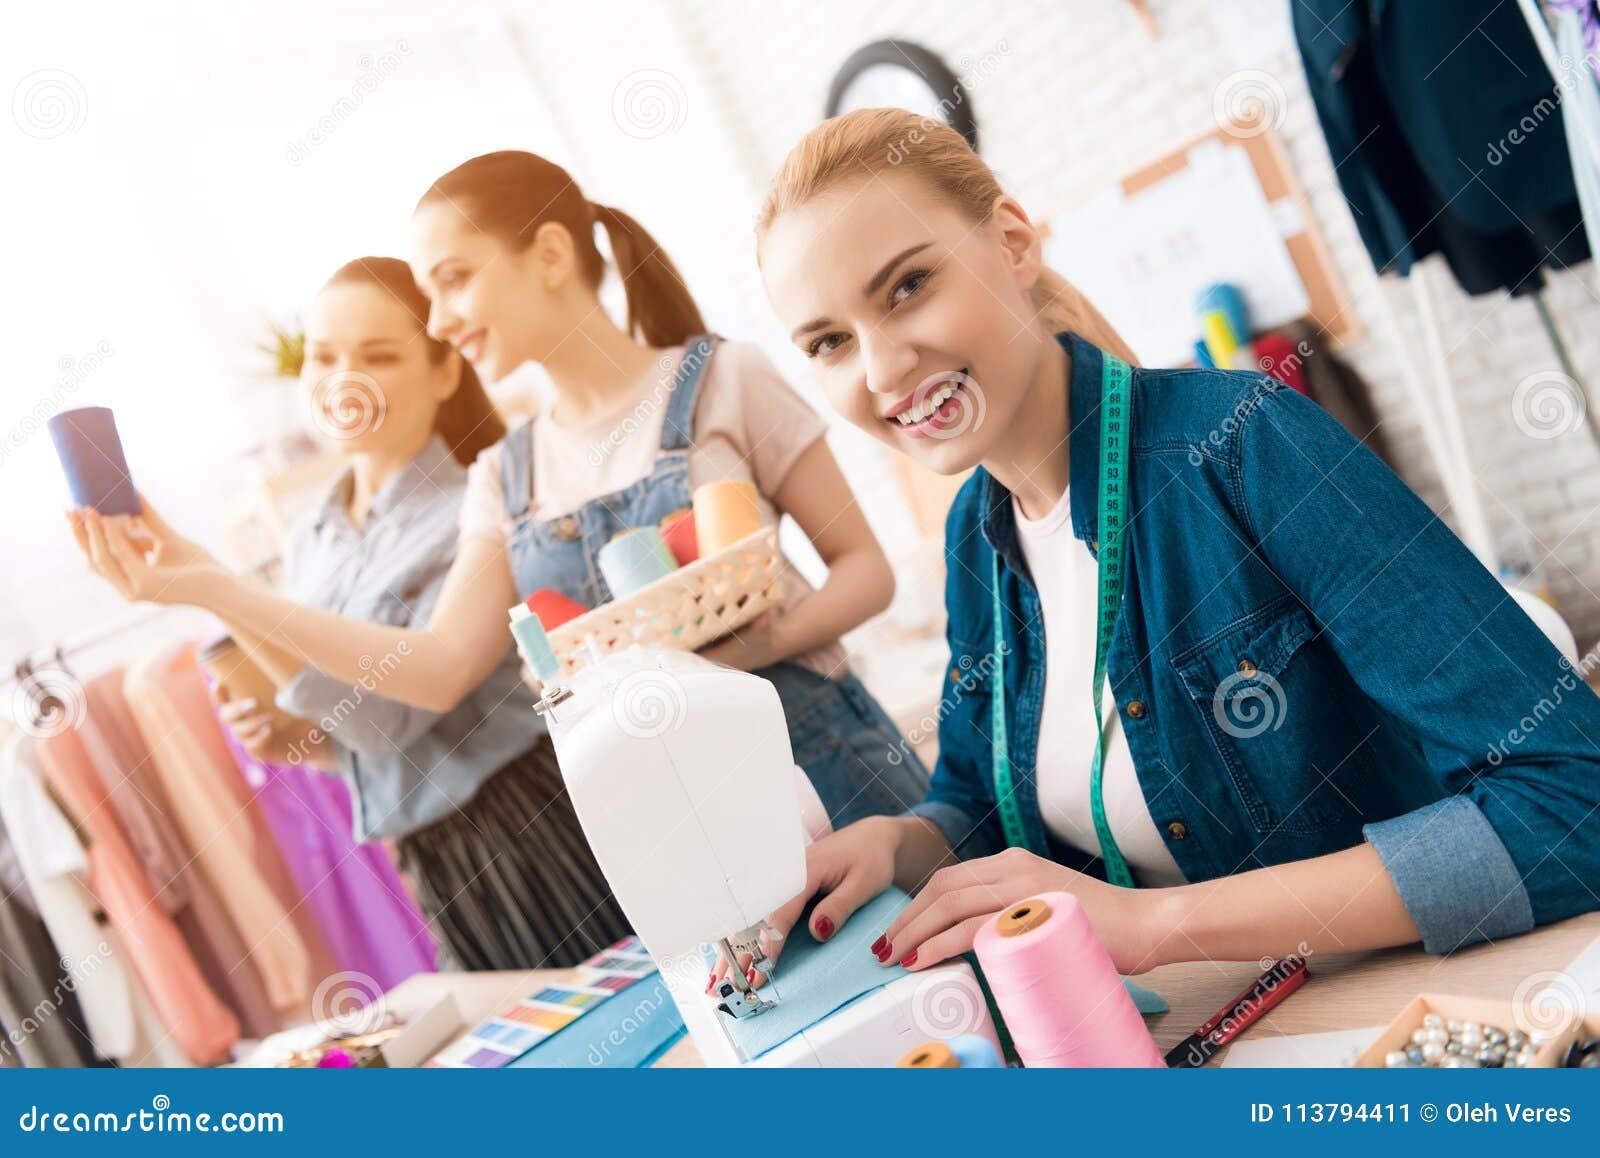 3 девушки на фабрике одежды Они выбирают цвет потока для нового платья